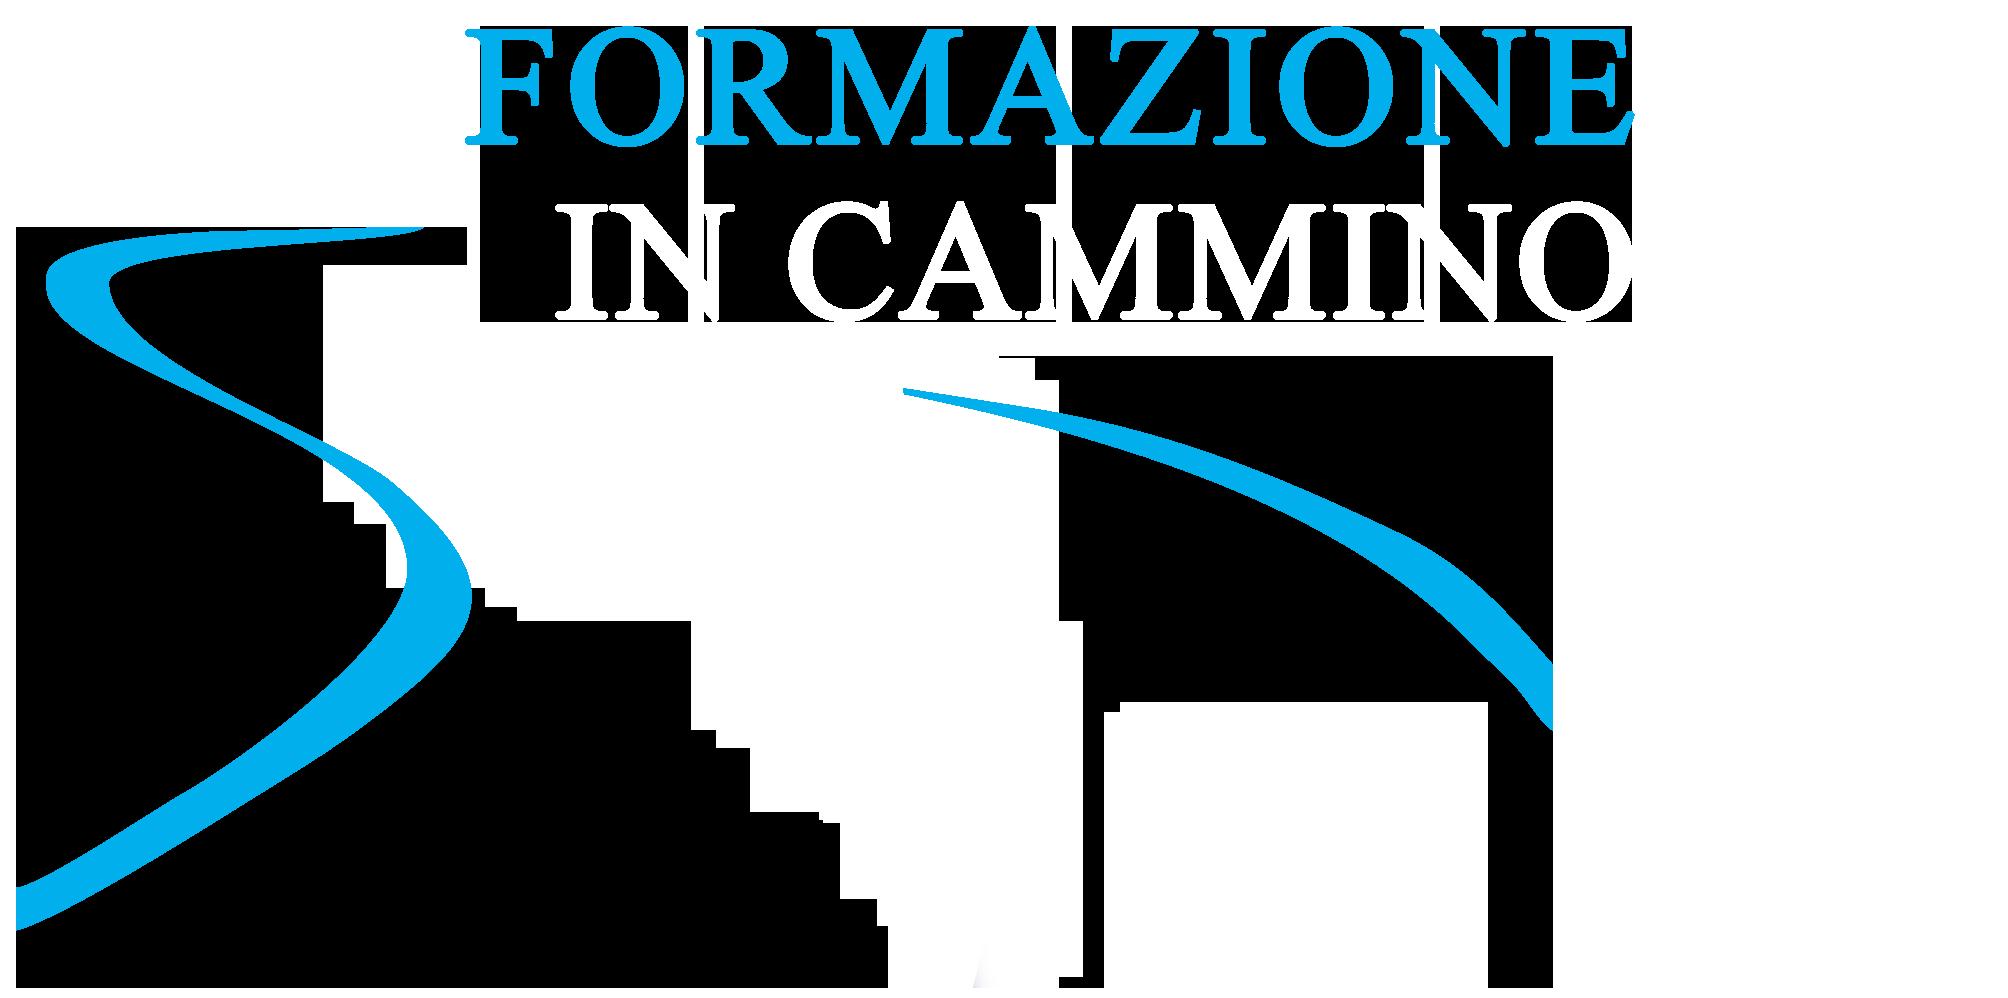 FormAZIONE IN CAMMINO